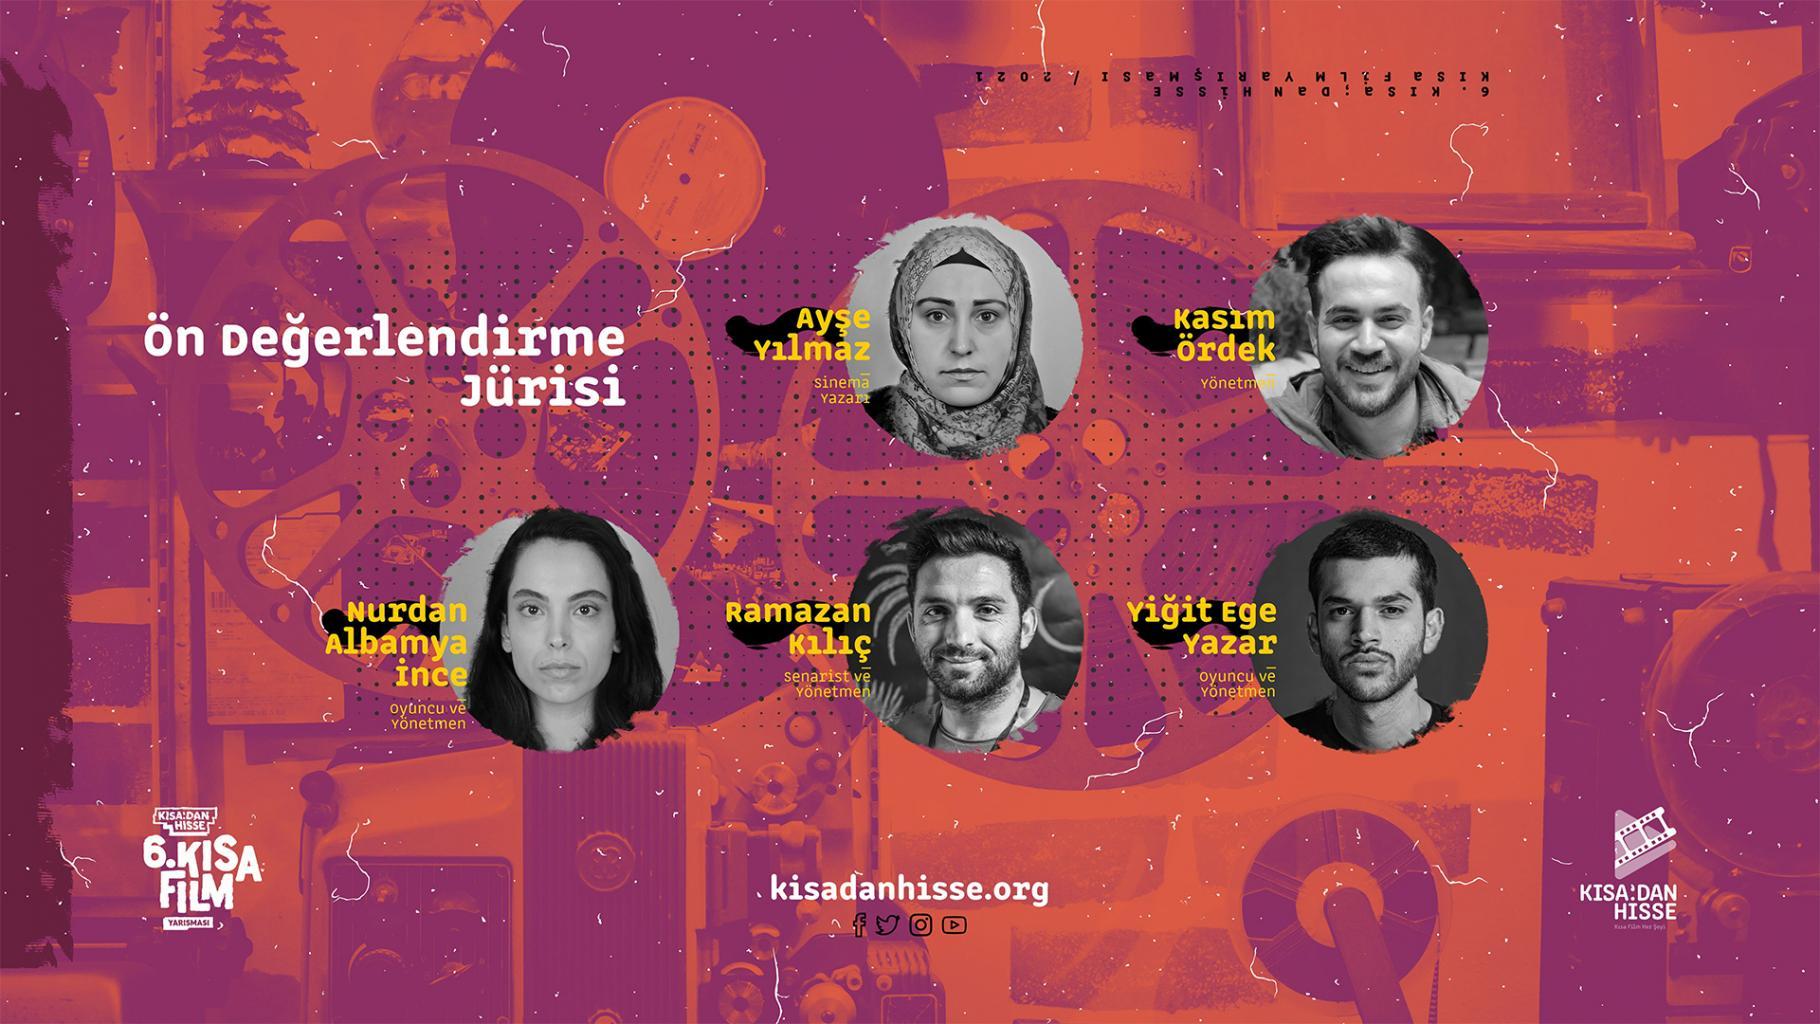 6.Kısadan Hisse Kısa Film Yarışması Ön Değerlendirme Jürisi